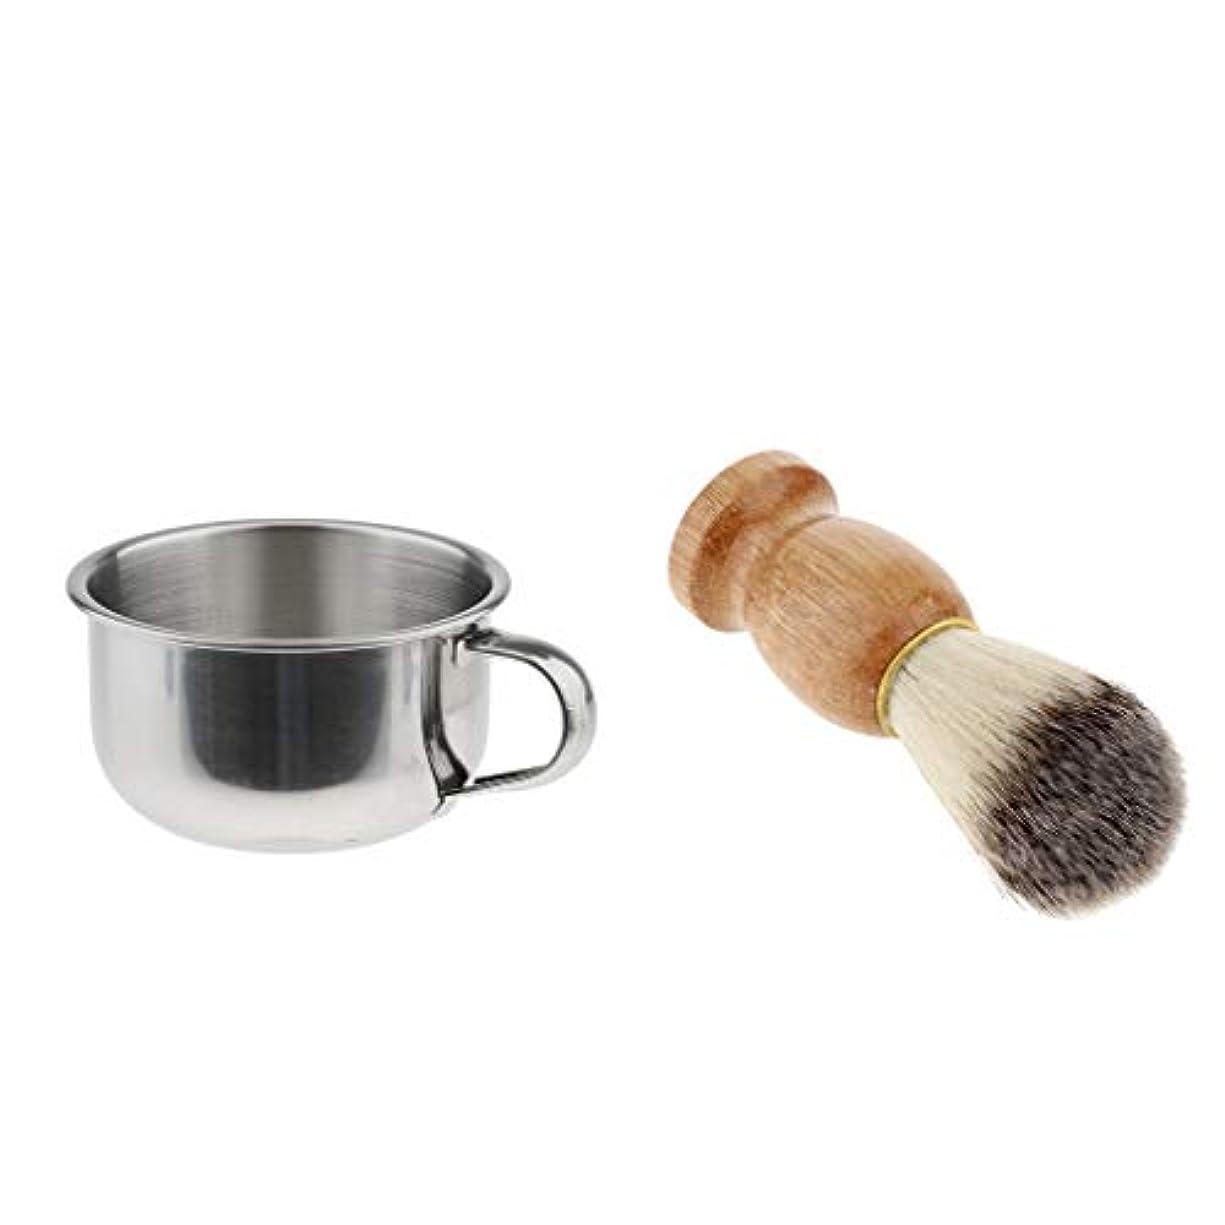 実験室精緻化リマークシェービングブラシ 理容 洗顔 髭剃り メンズ 石鹸ボウル シェービングマグ 髭剃り